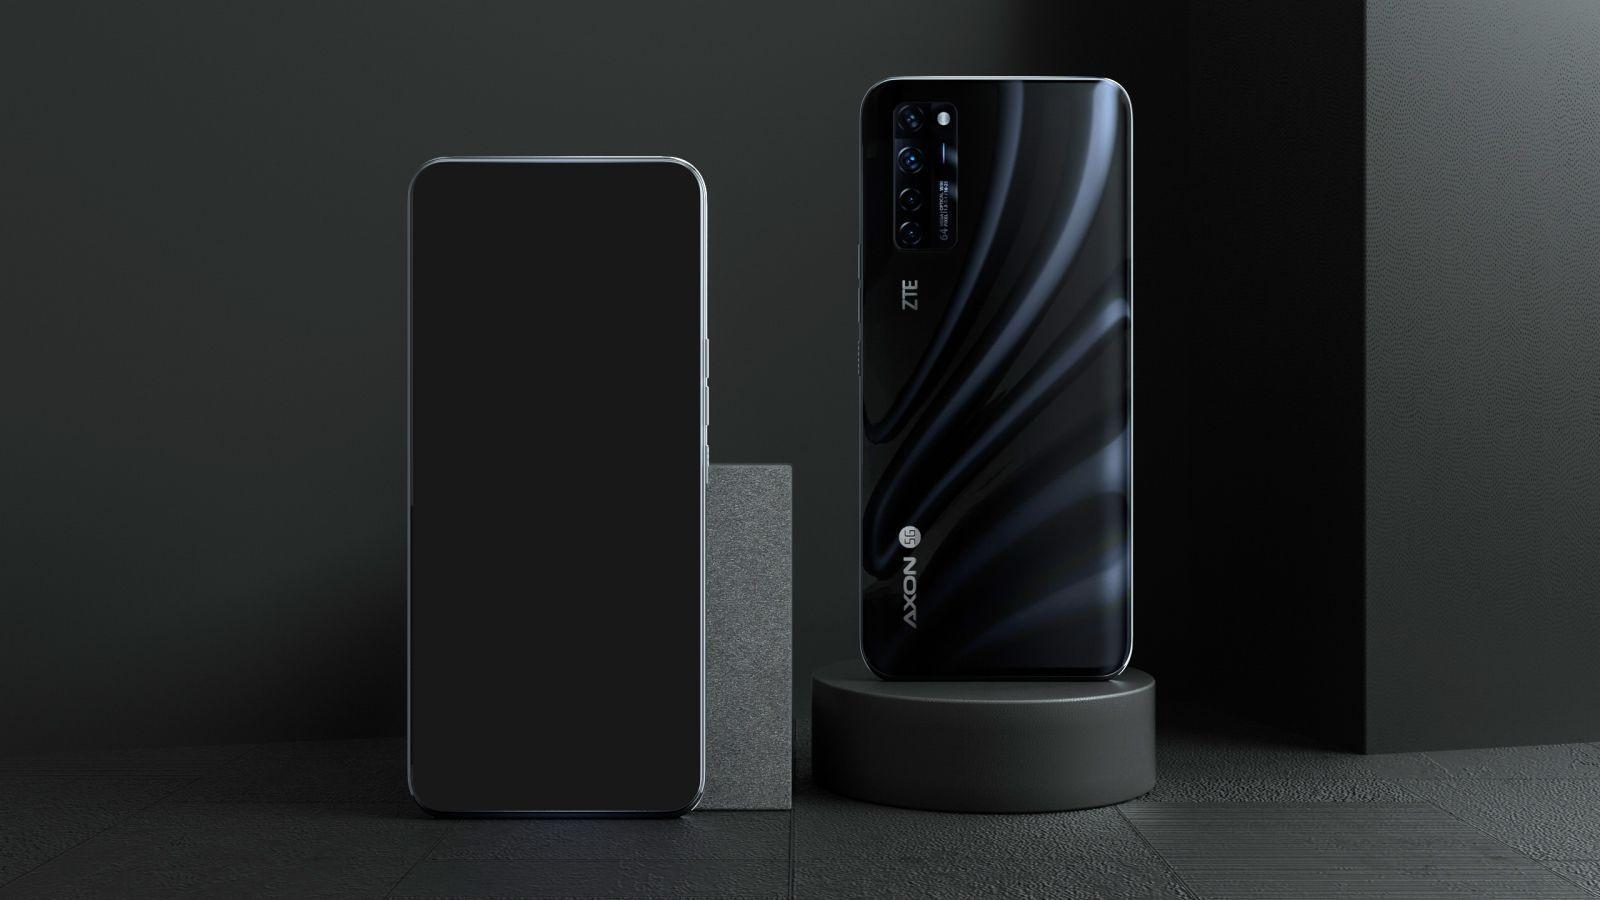 Вот как снимает первый в мире смартфон с подэкранной камерой (9eba72a1c1f64257a5ee450a84a189b5 large large large)